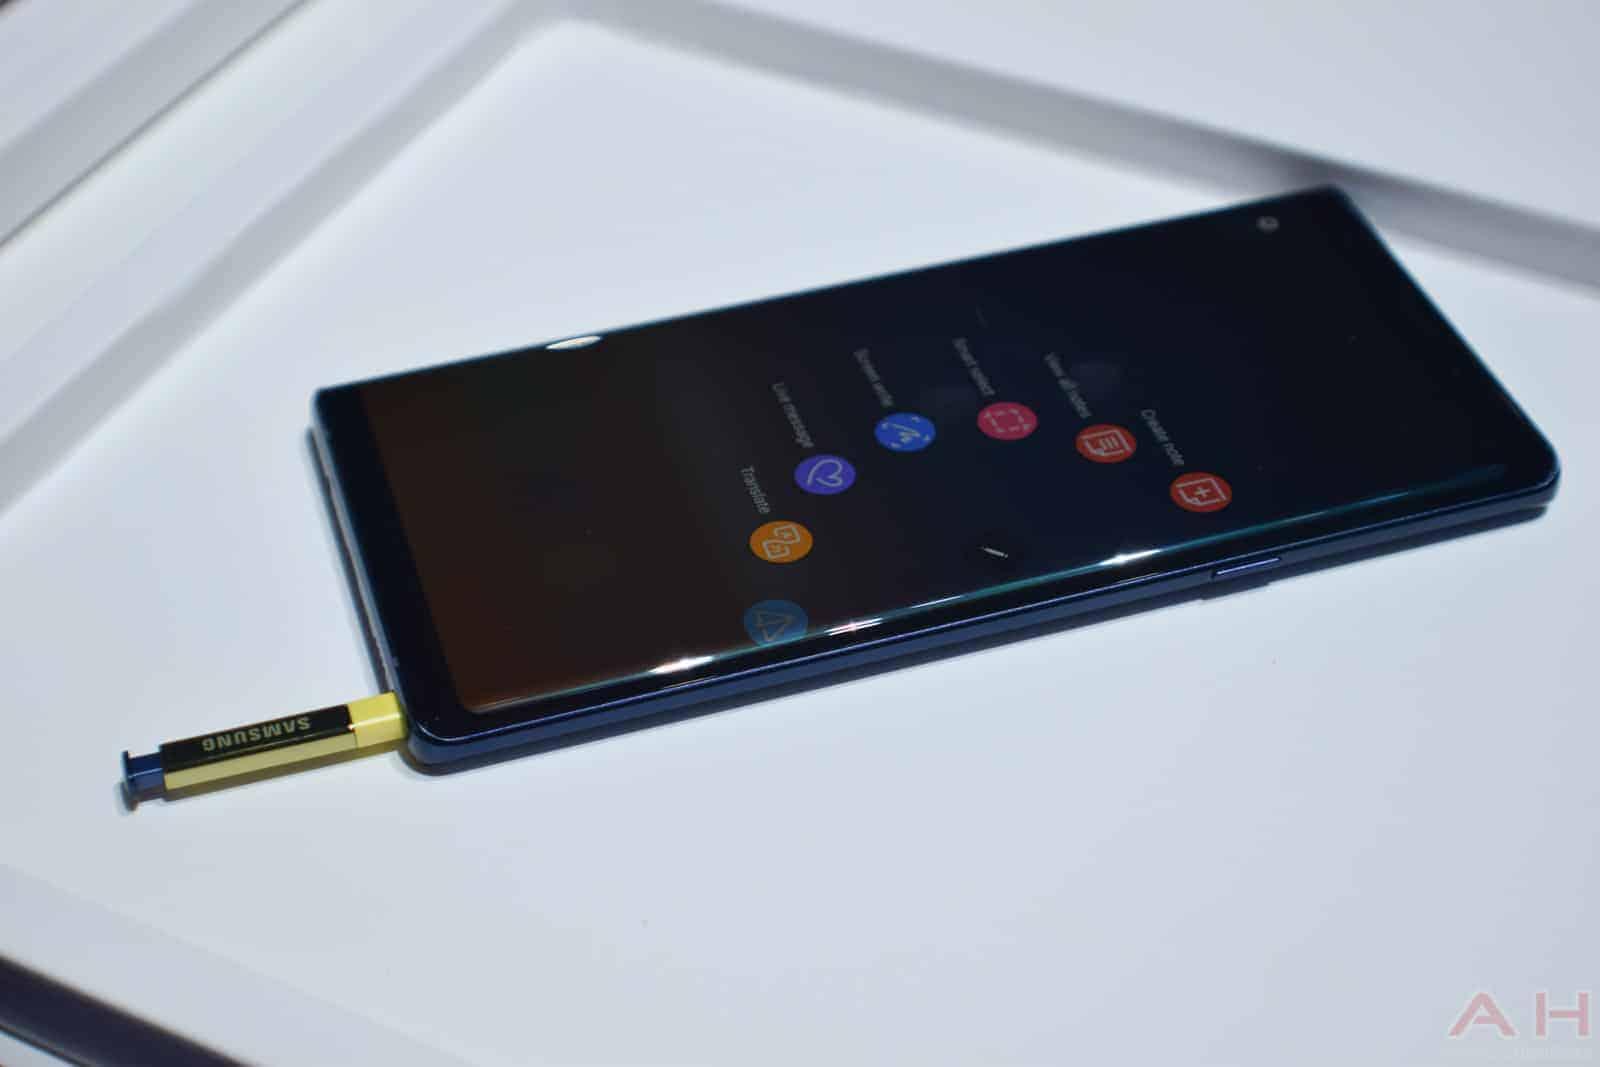 Samsung Galaxy Note 9 AM AH 8